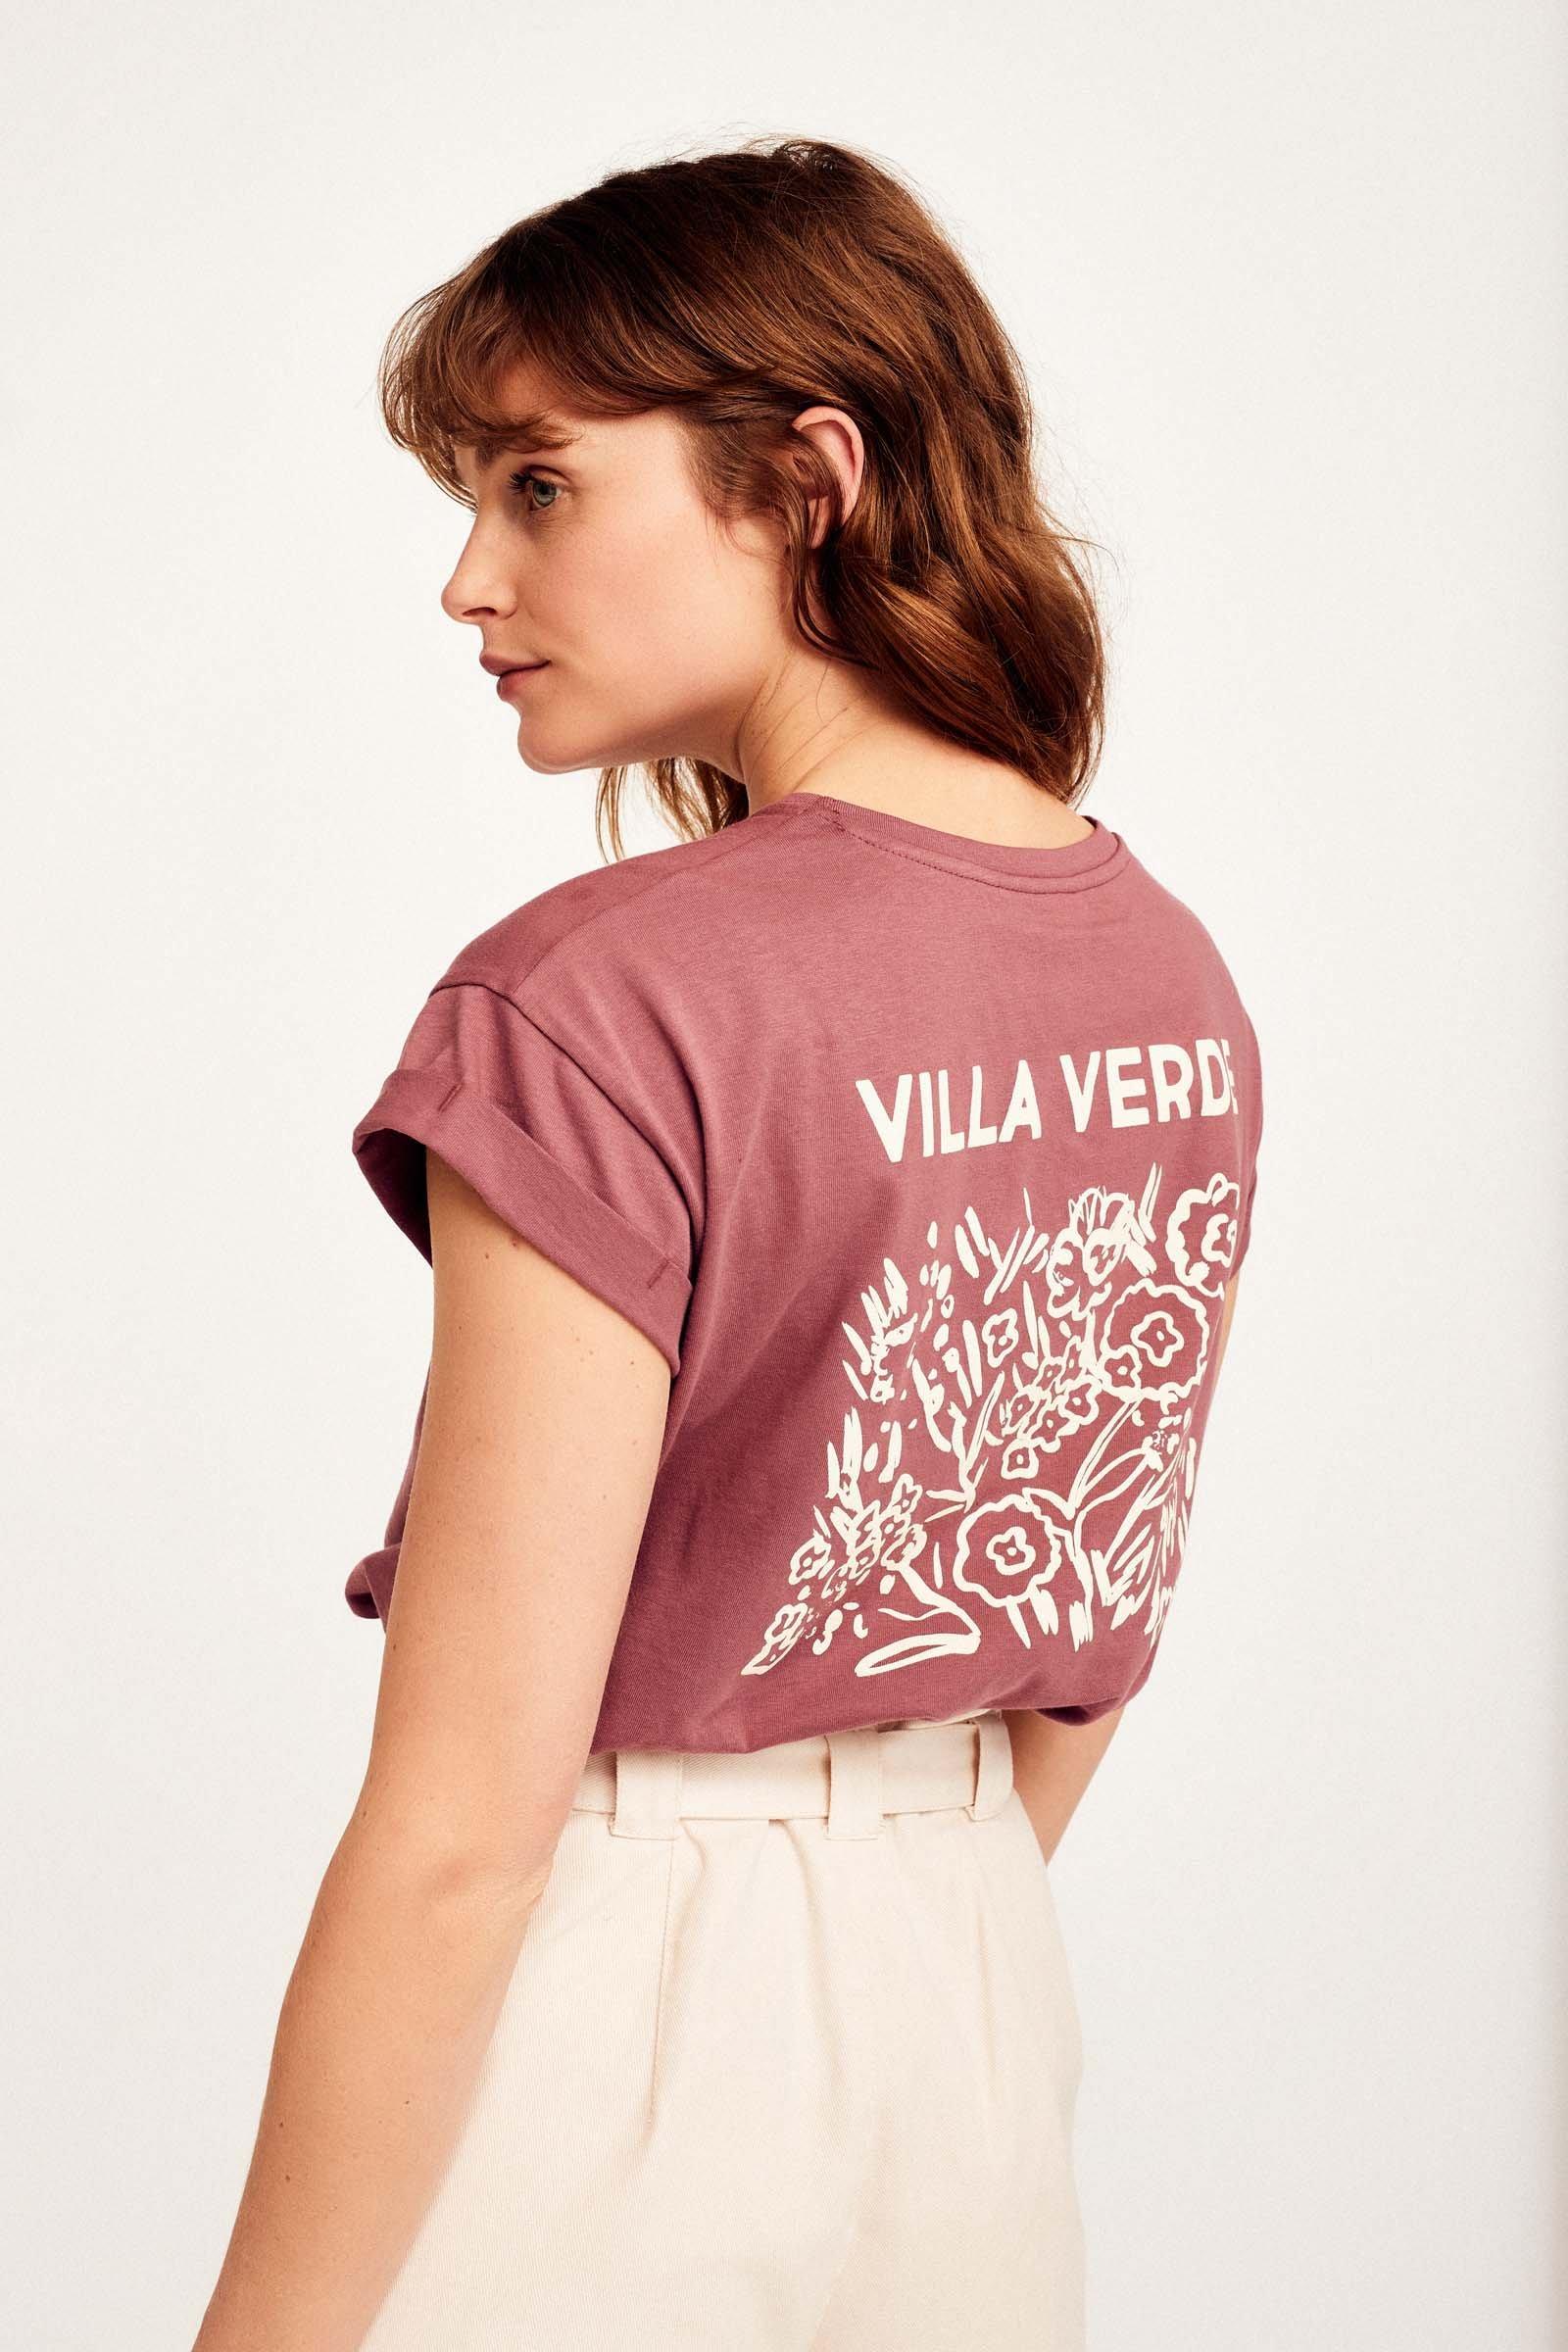 CKS Dames - JUNA - t-shirt korte mouwen - meerkleurig